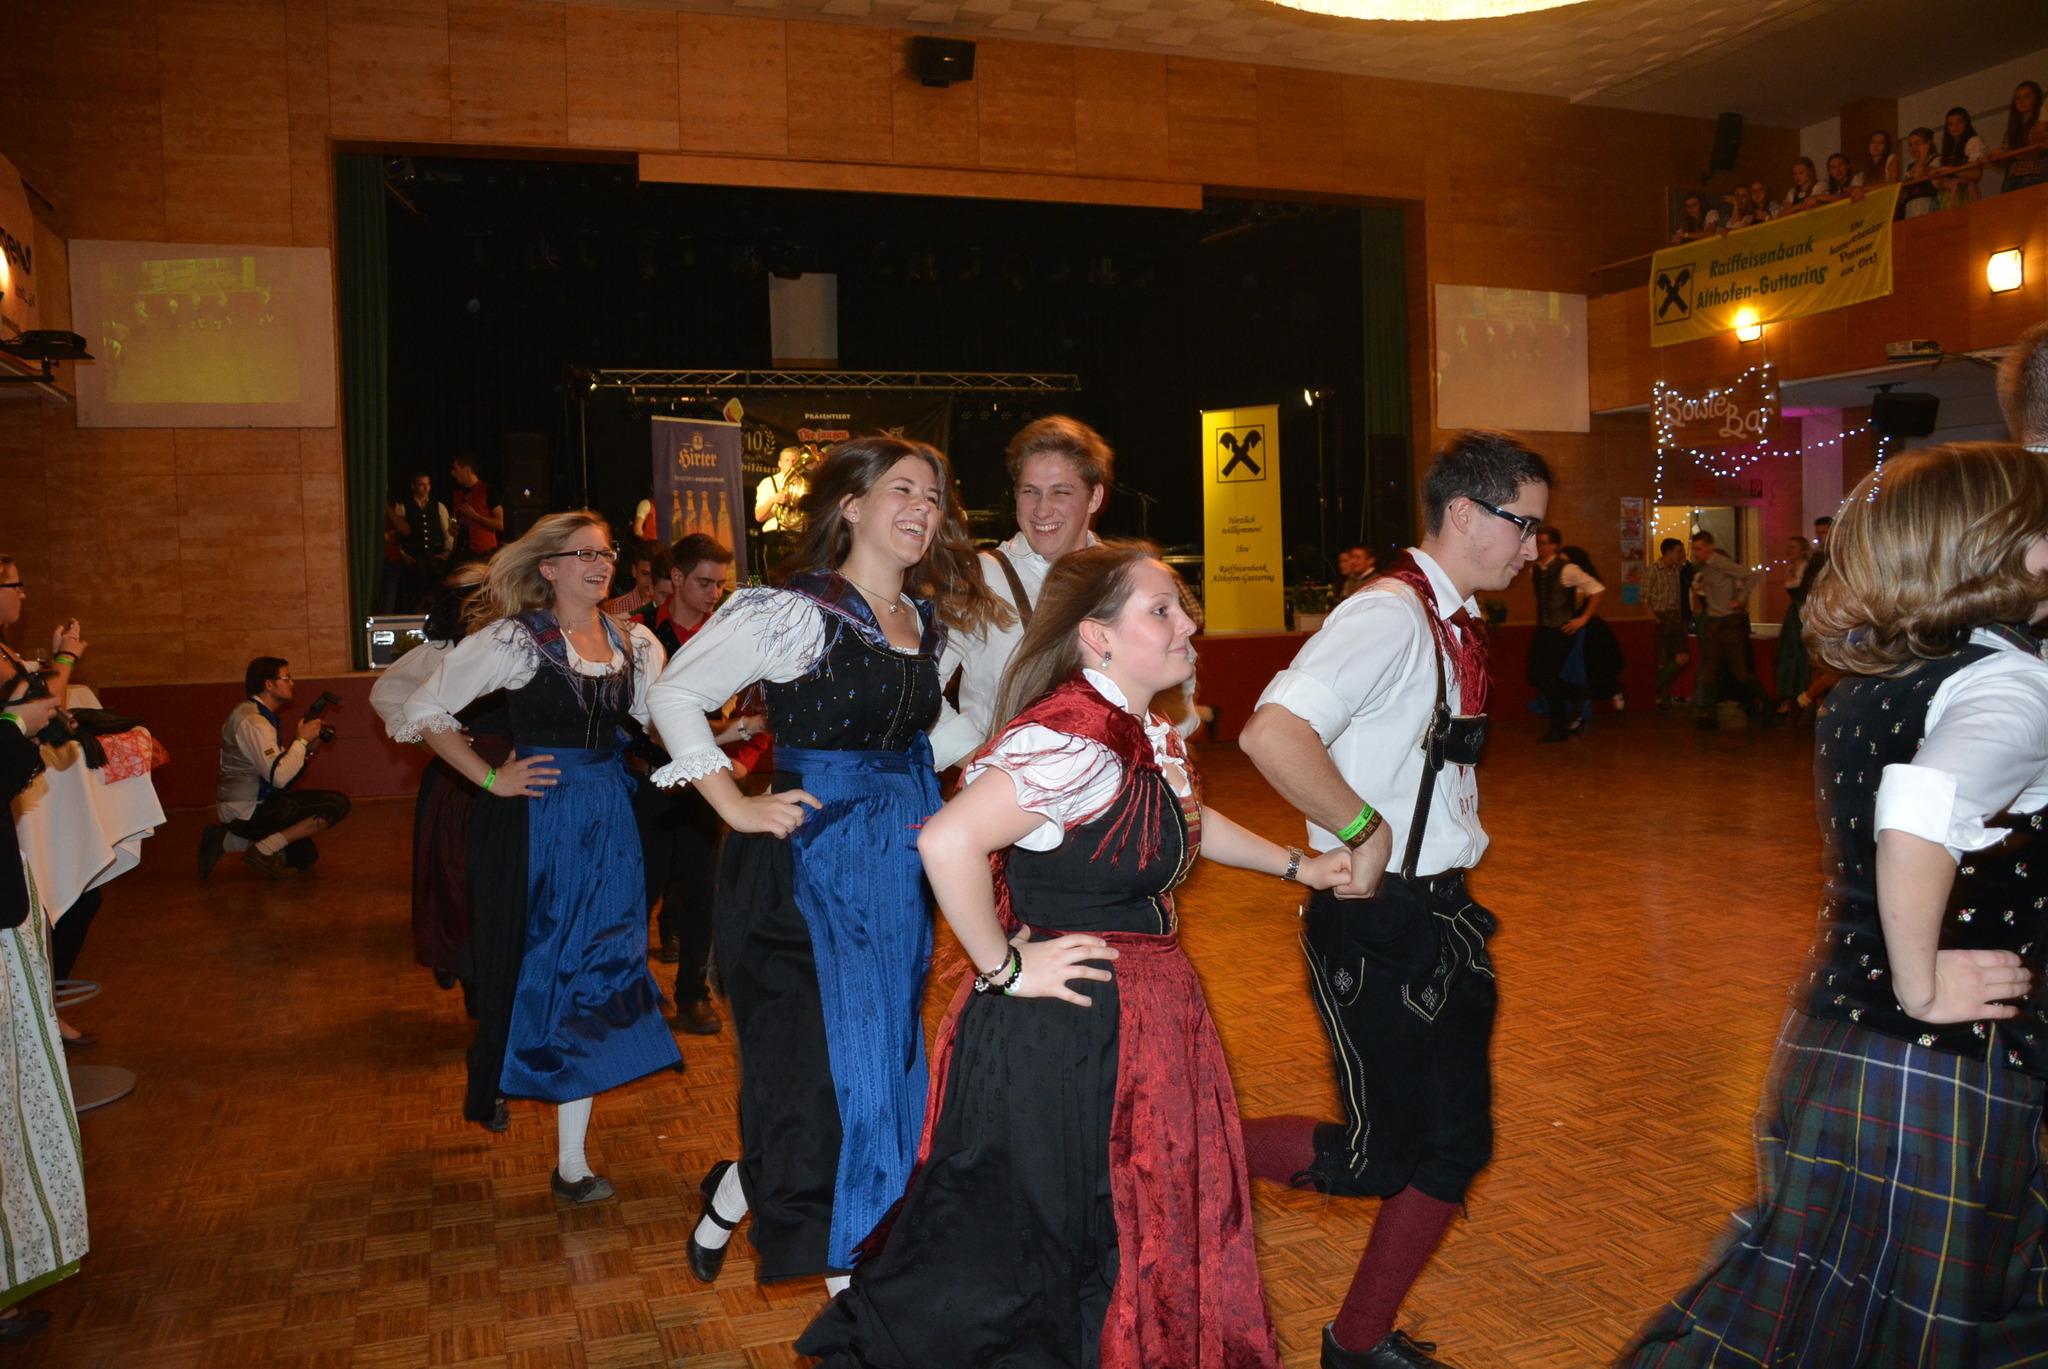 Spa, Tanz und Flirt beim Pfingstfest Meiselding - St. Veit